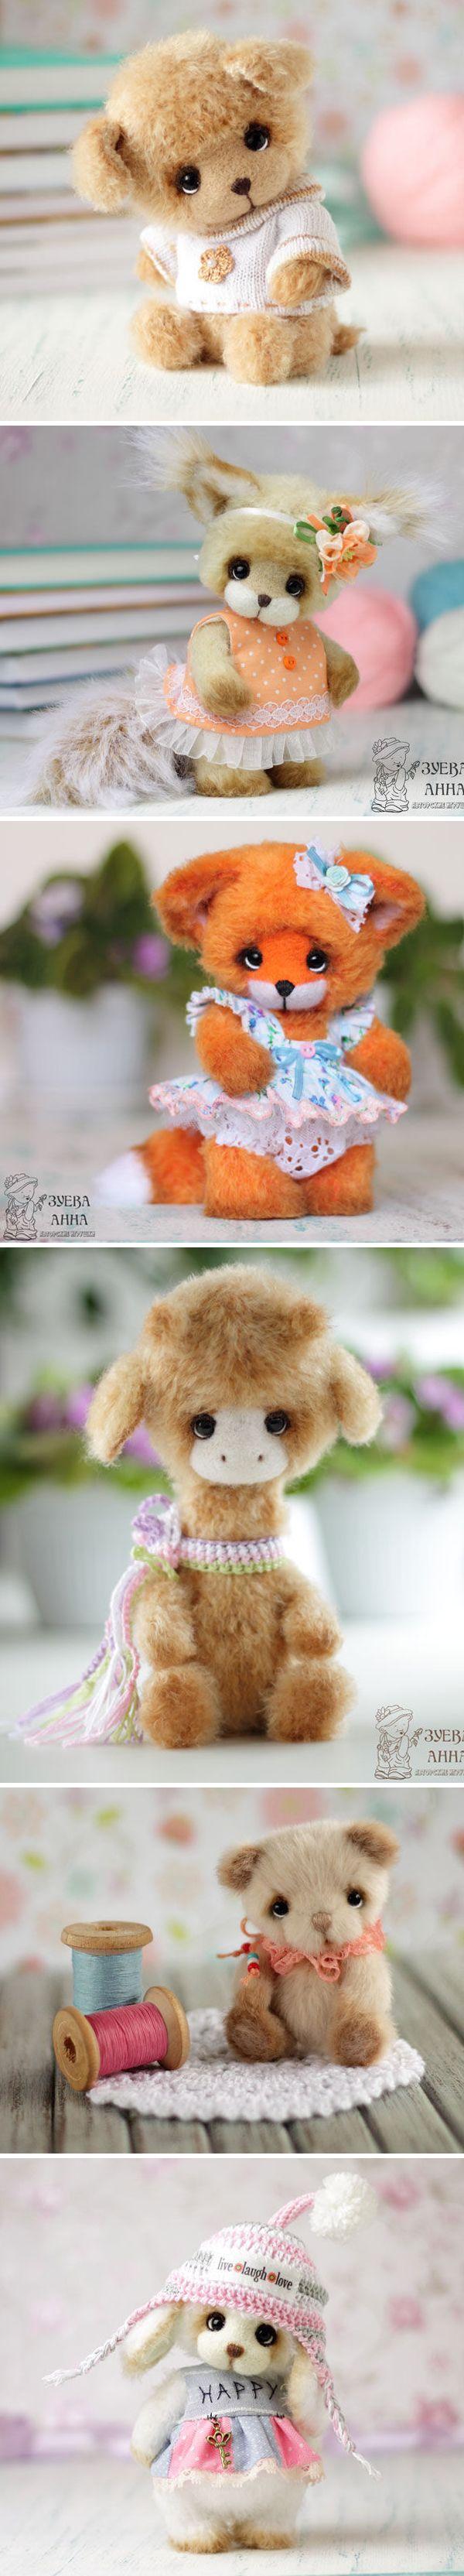 Adorable Teddy Toys   Очаровательные тедди игрушки в магазине Анны Зуевой — Купить, заказать, тедди, игрушка, ручная работа, медвежонок